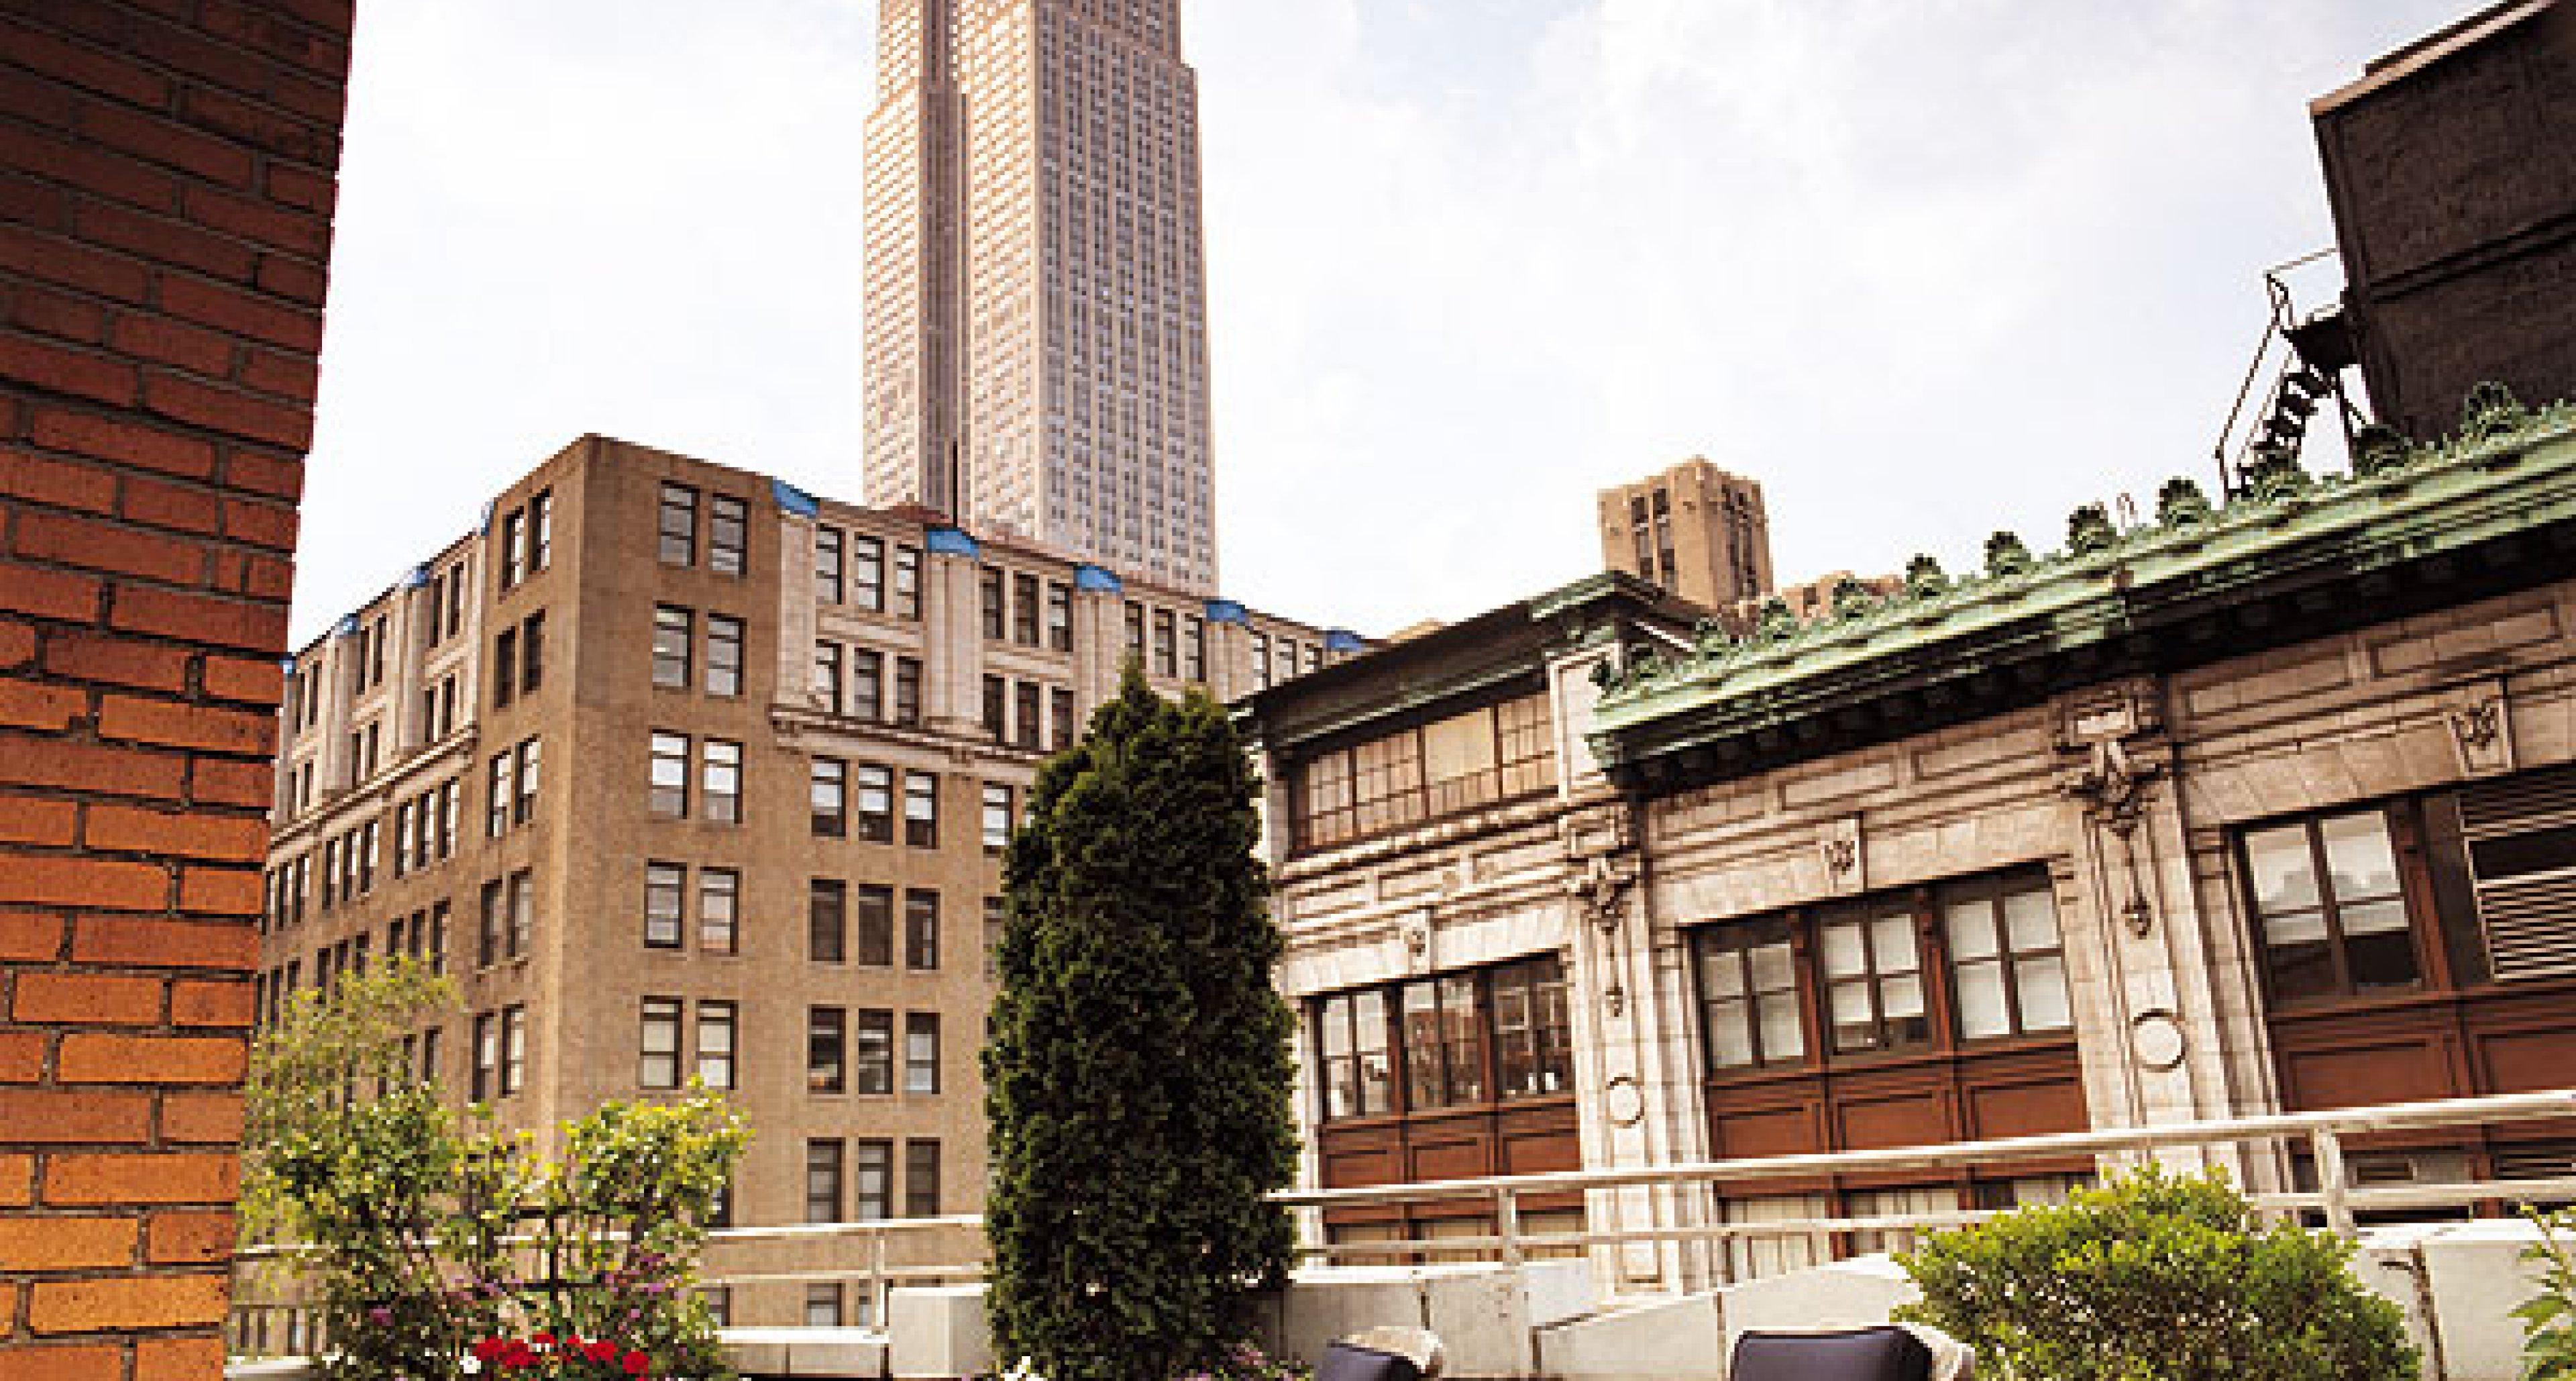 Hotel Roger Williams: Über den Dächern von New York City